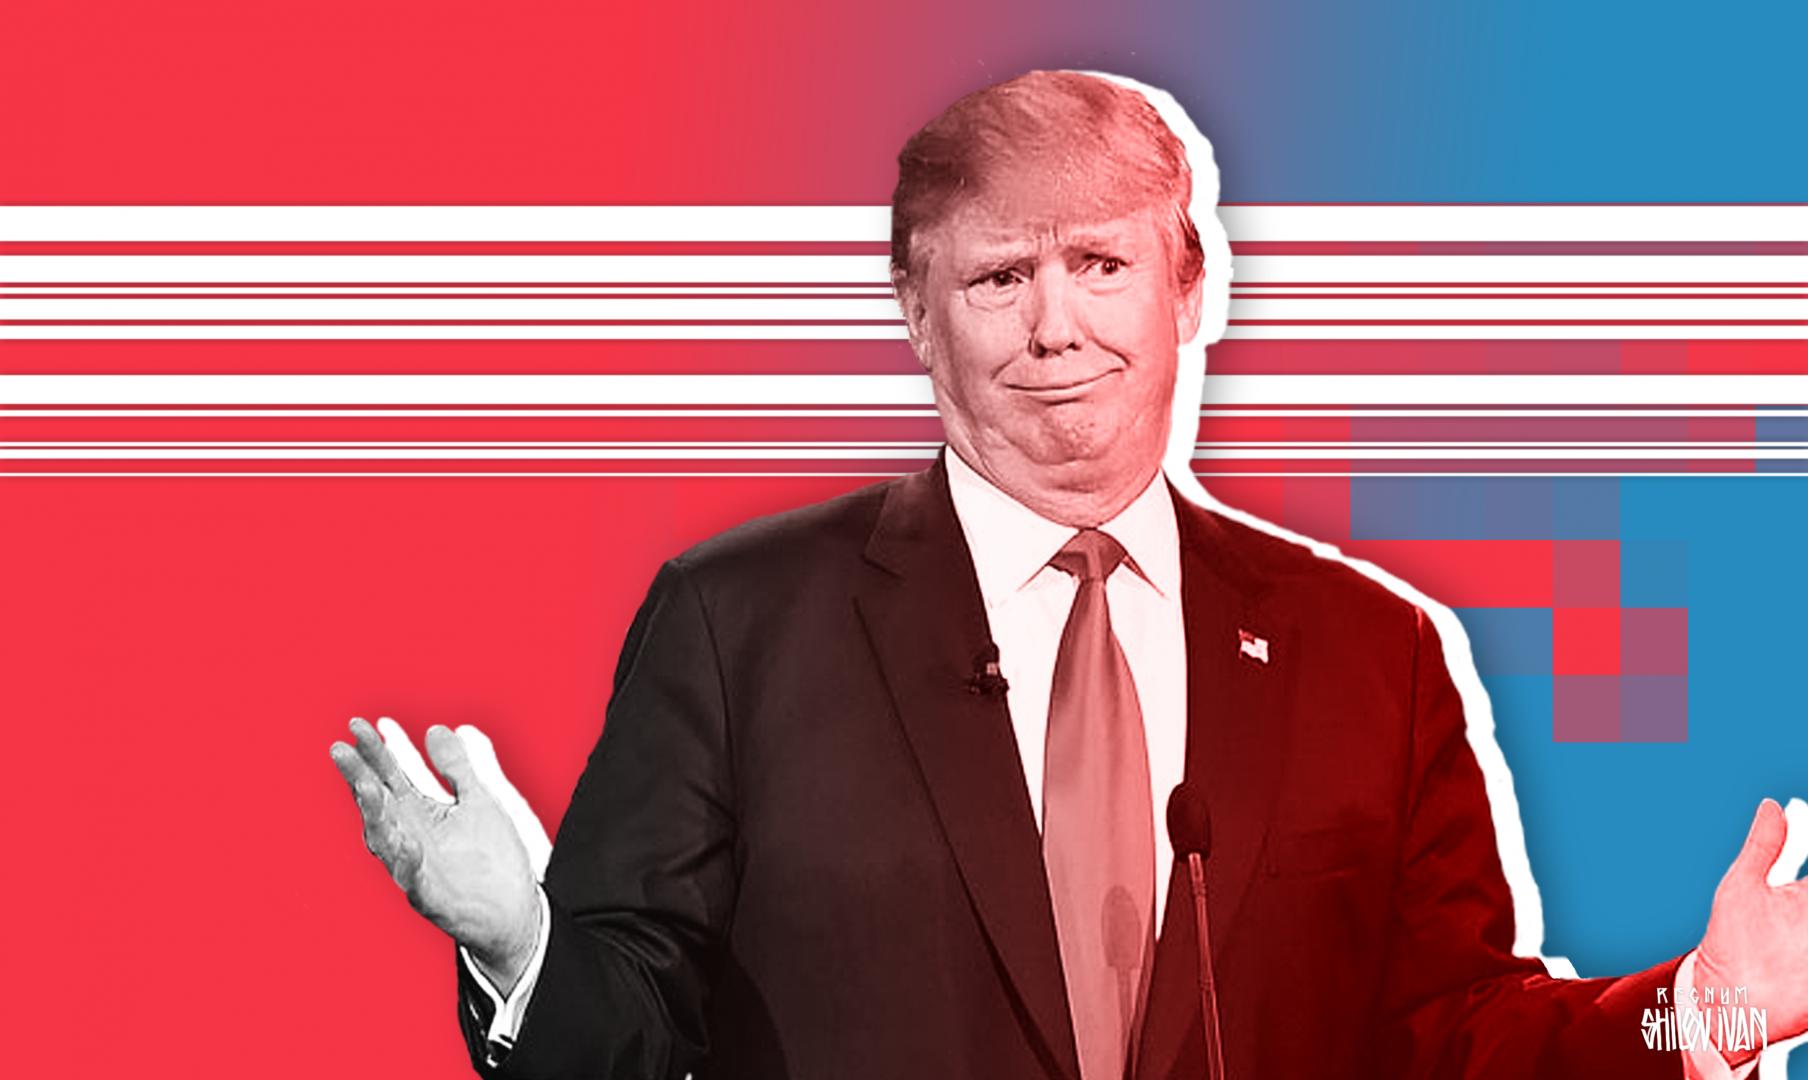 Трамп покинул пресс-конференцию после неудобного вопроса